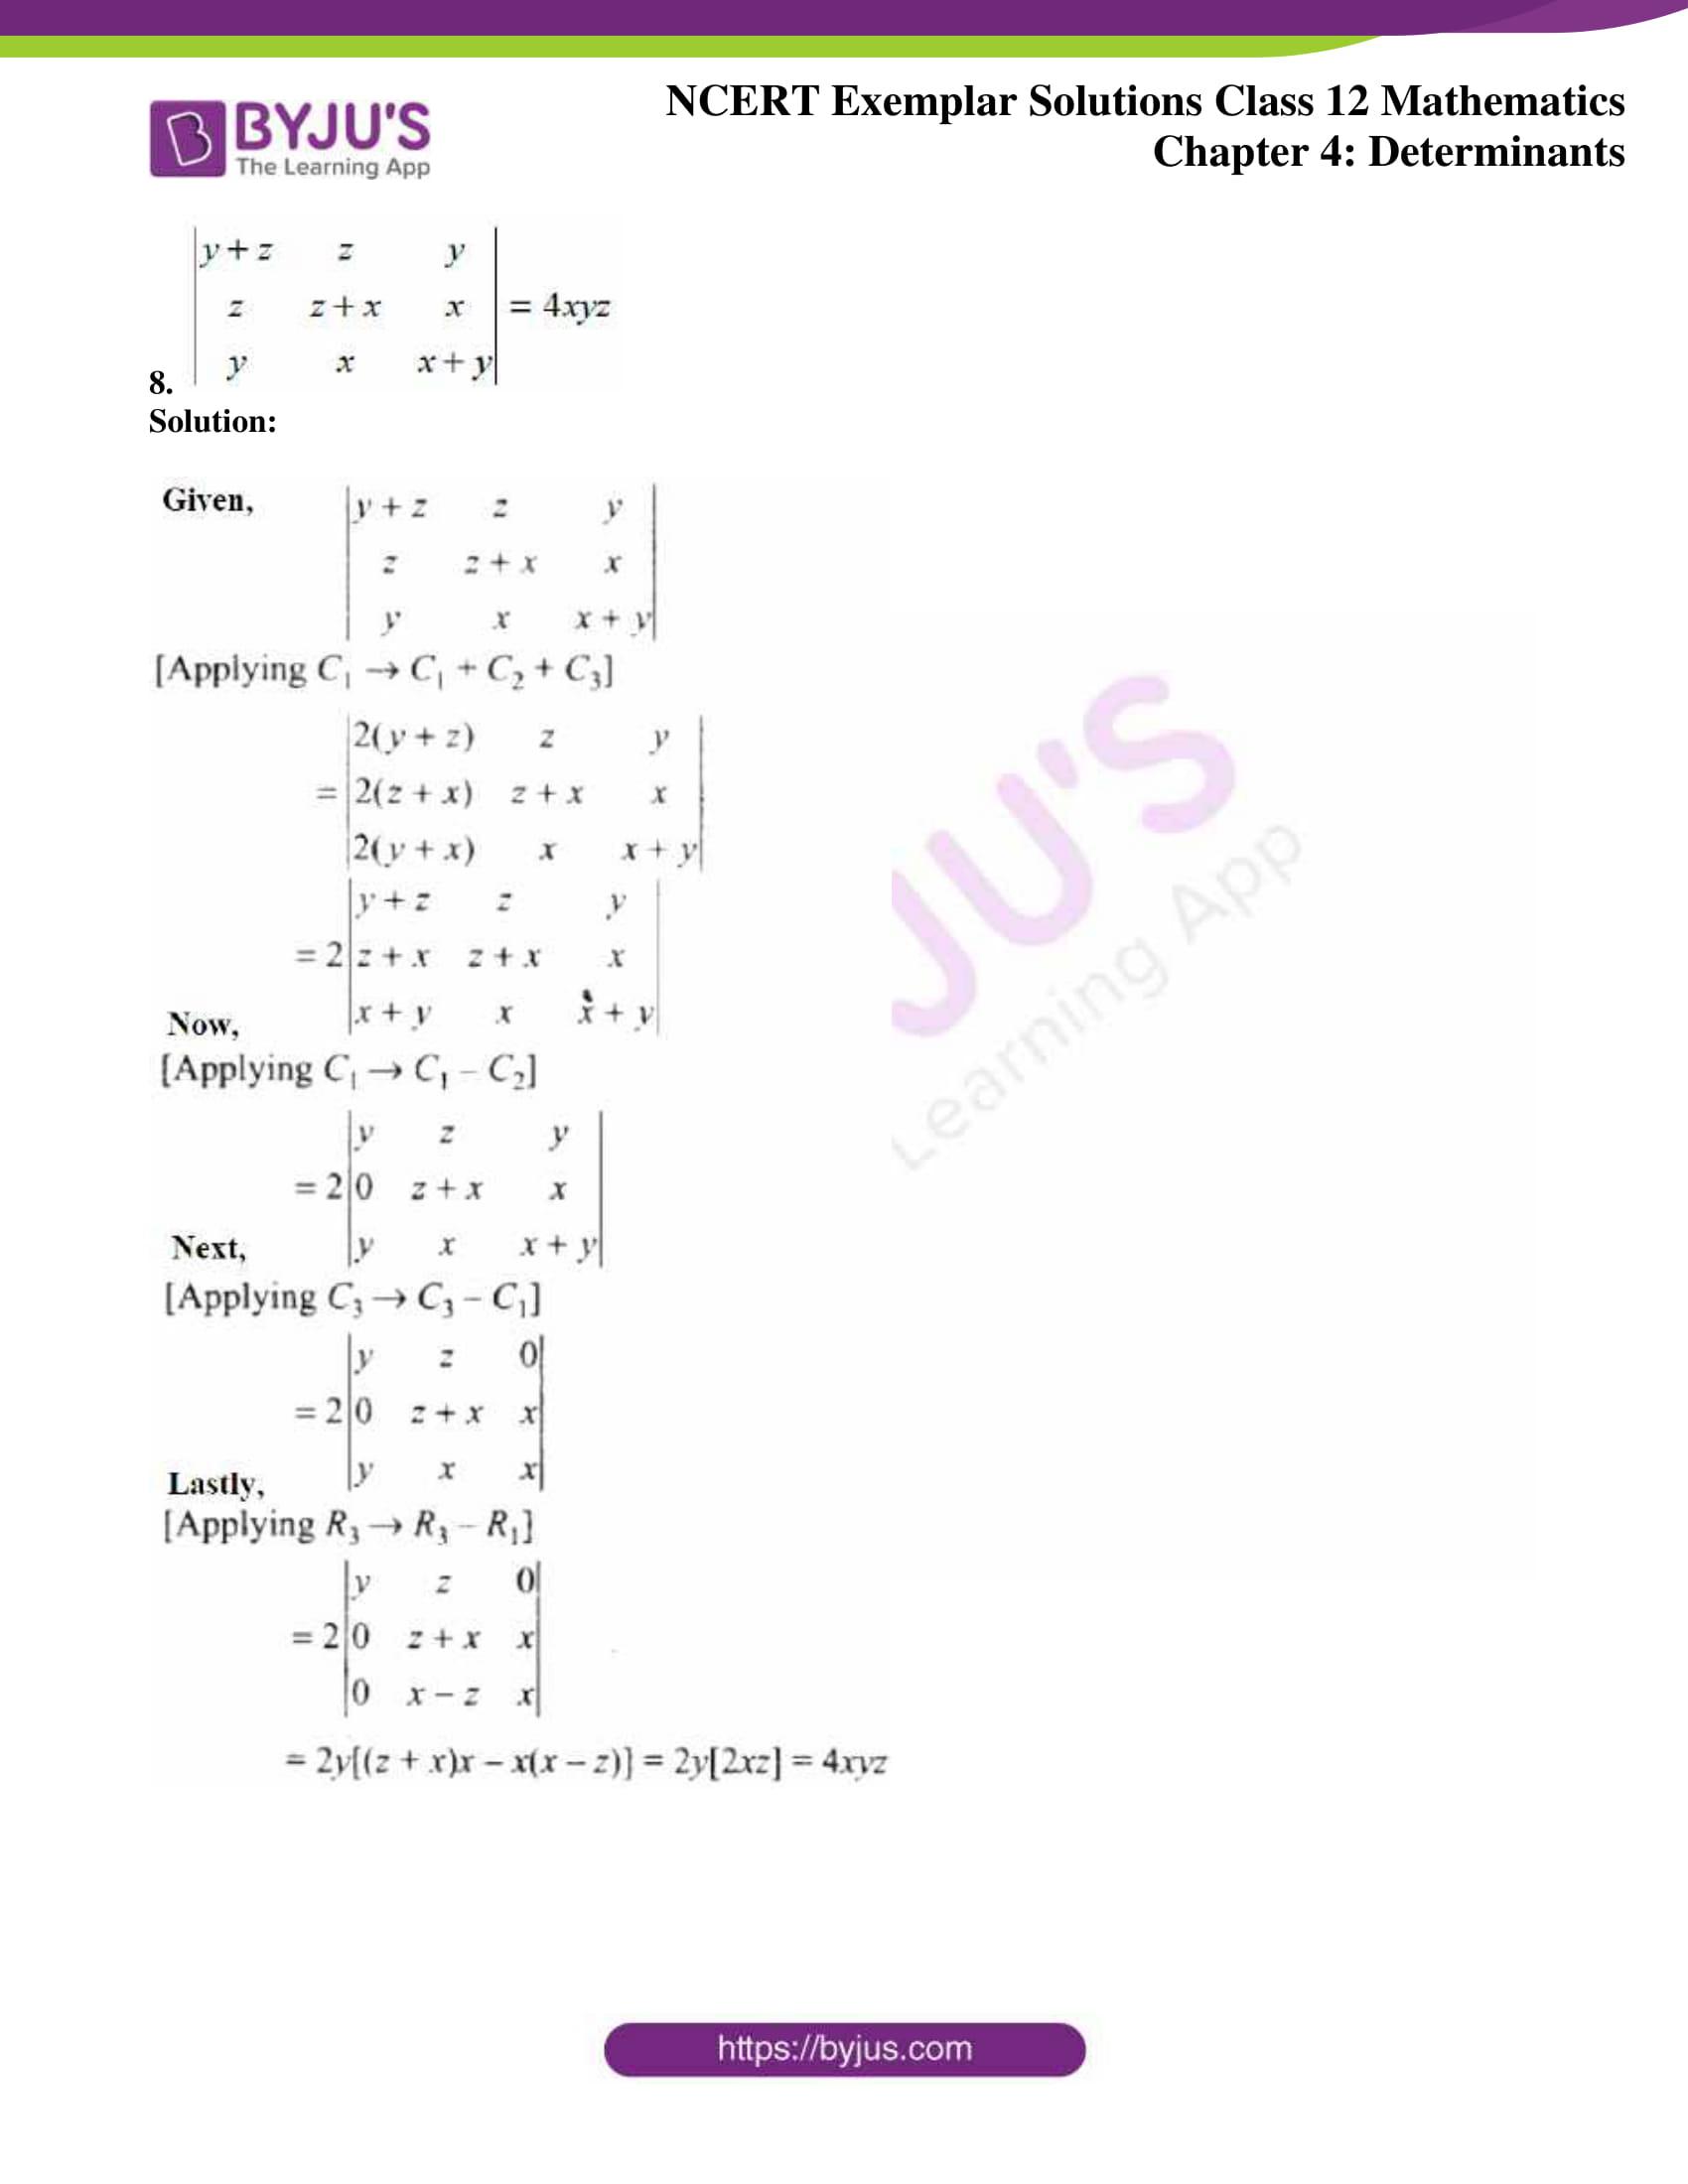 ncert exemplar sol class 12 math ch4 06